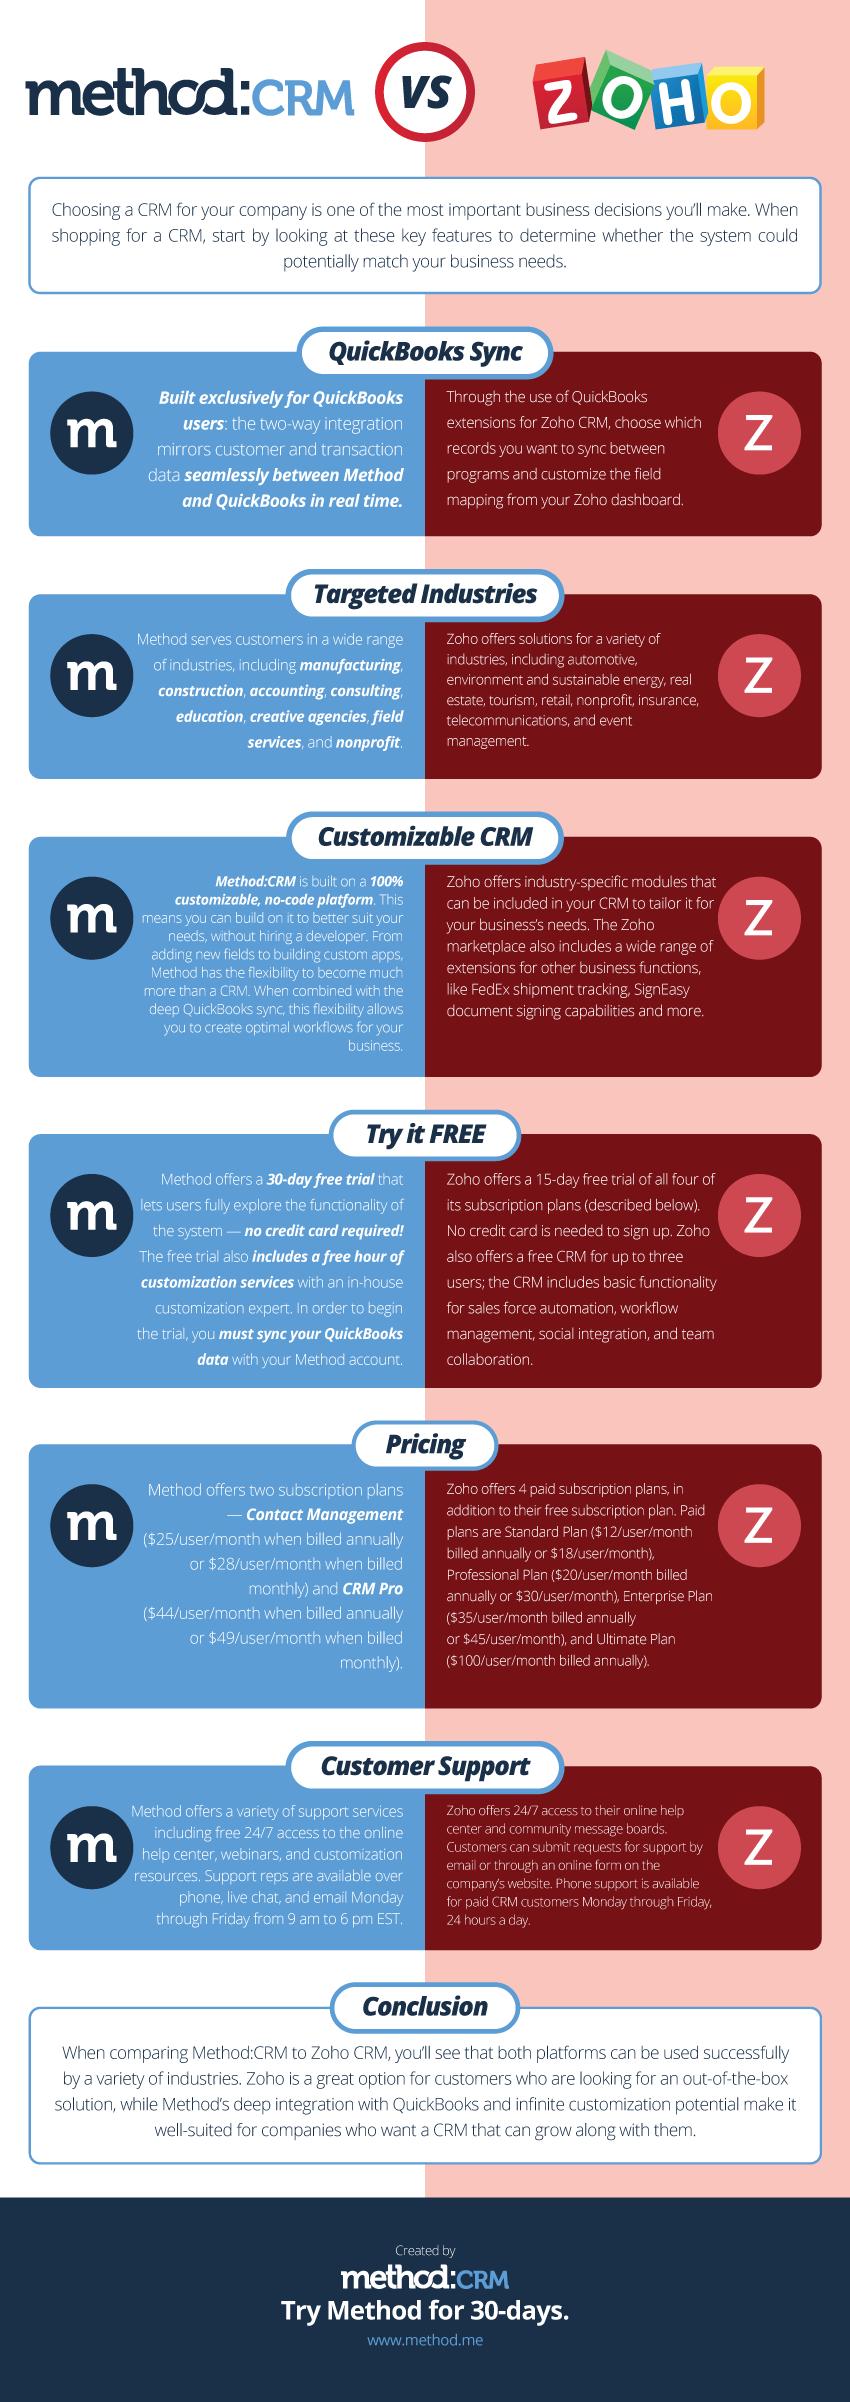 Method CRM vs Zoho CRM infographic